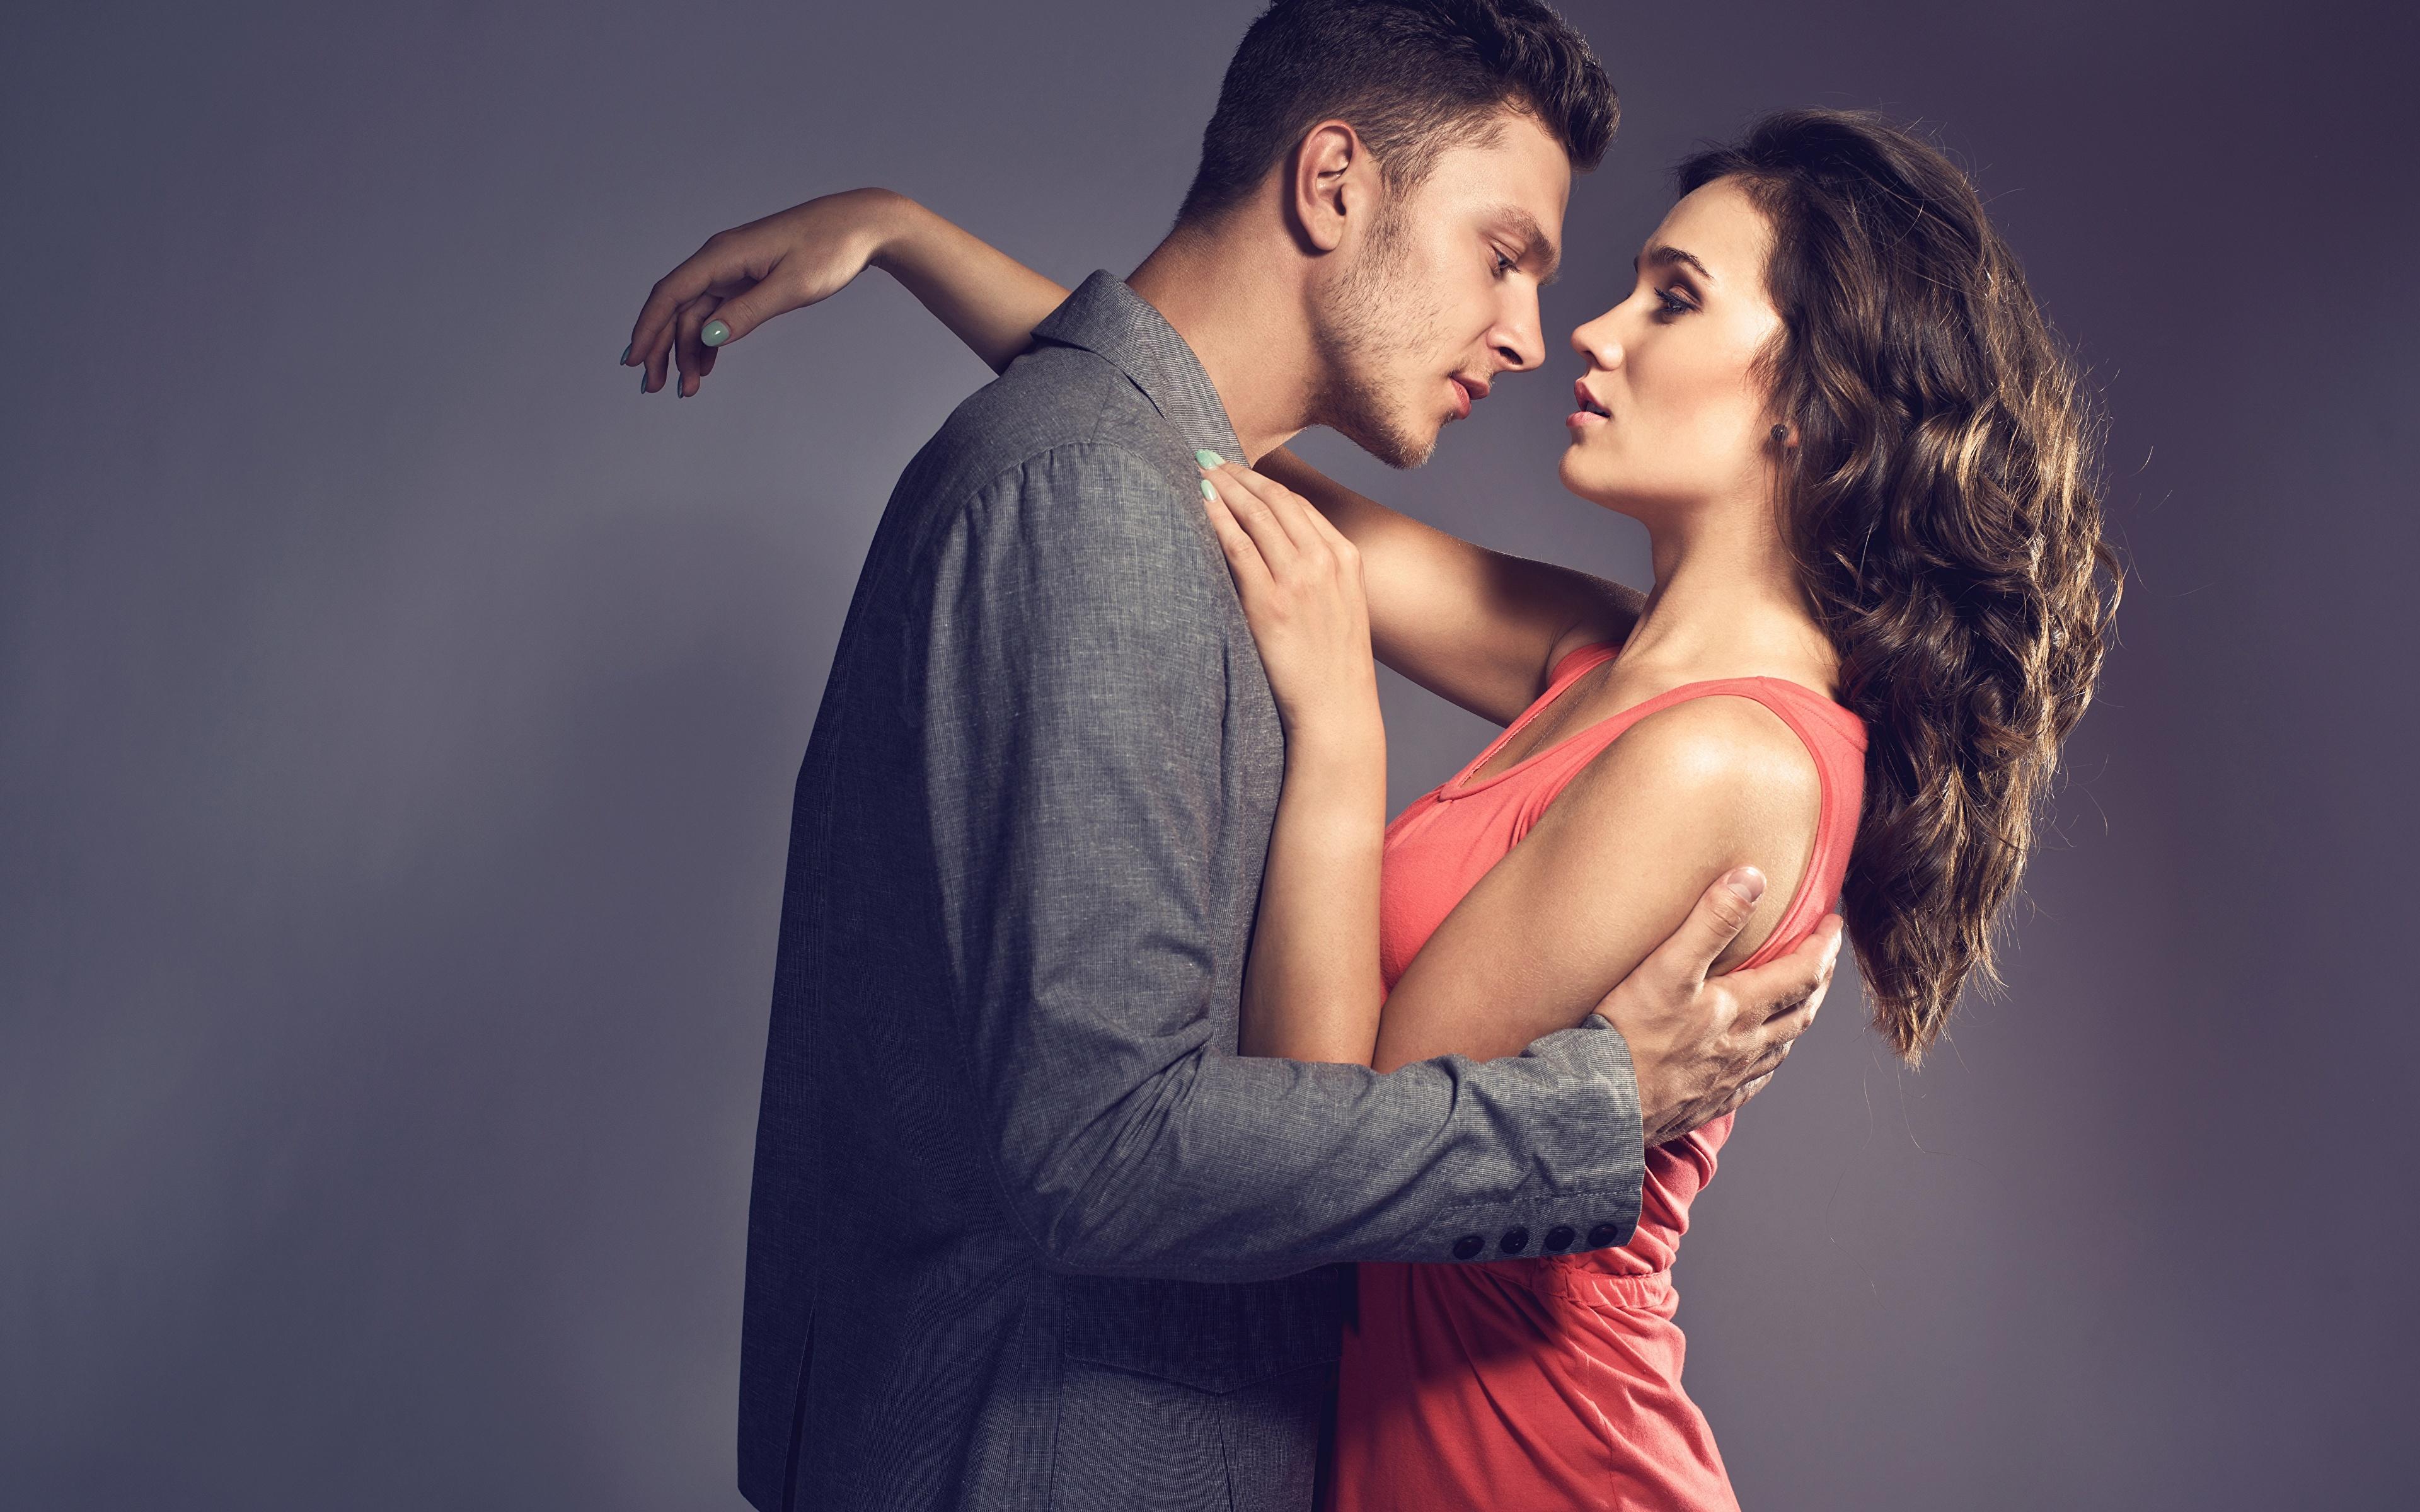 Фото шатенки мужчина Любовь Объятие молодая женщина платья 3840x2400 Шатенка Мужчины девушка Девушки обнимает обнимаются молодые женщины Платье